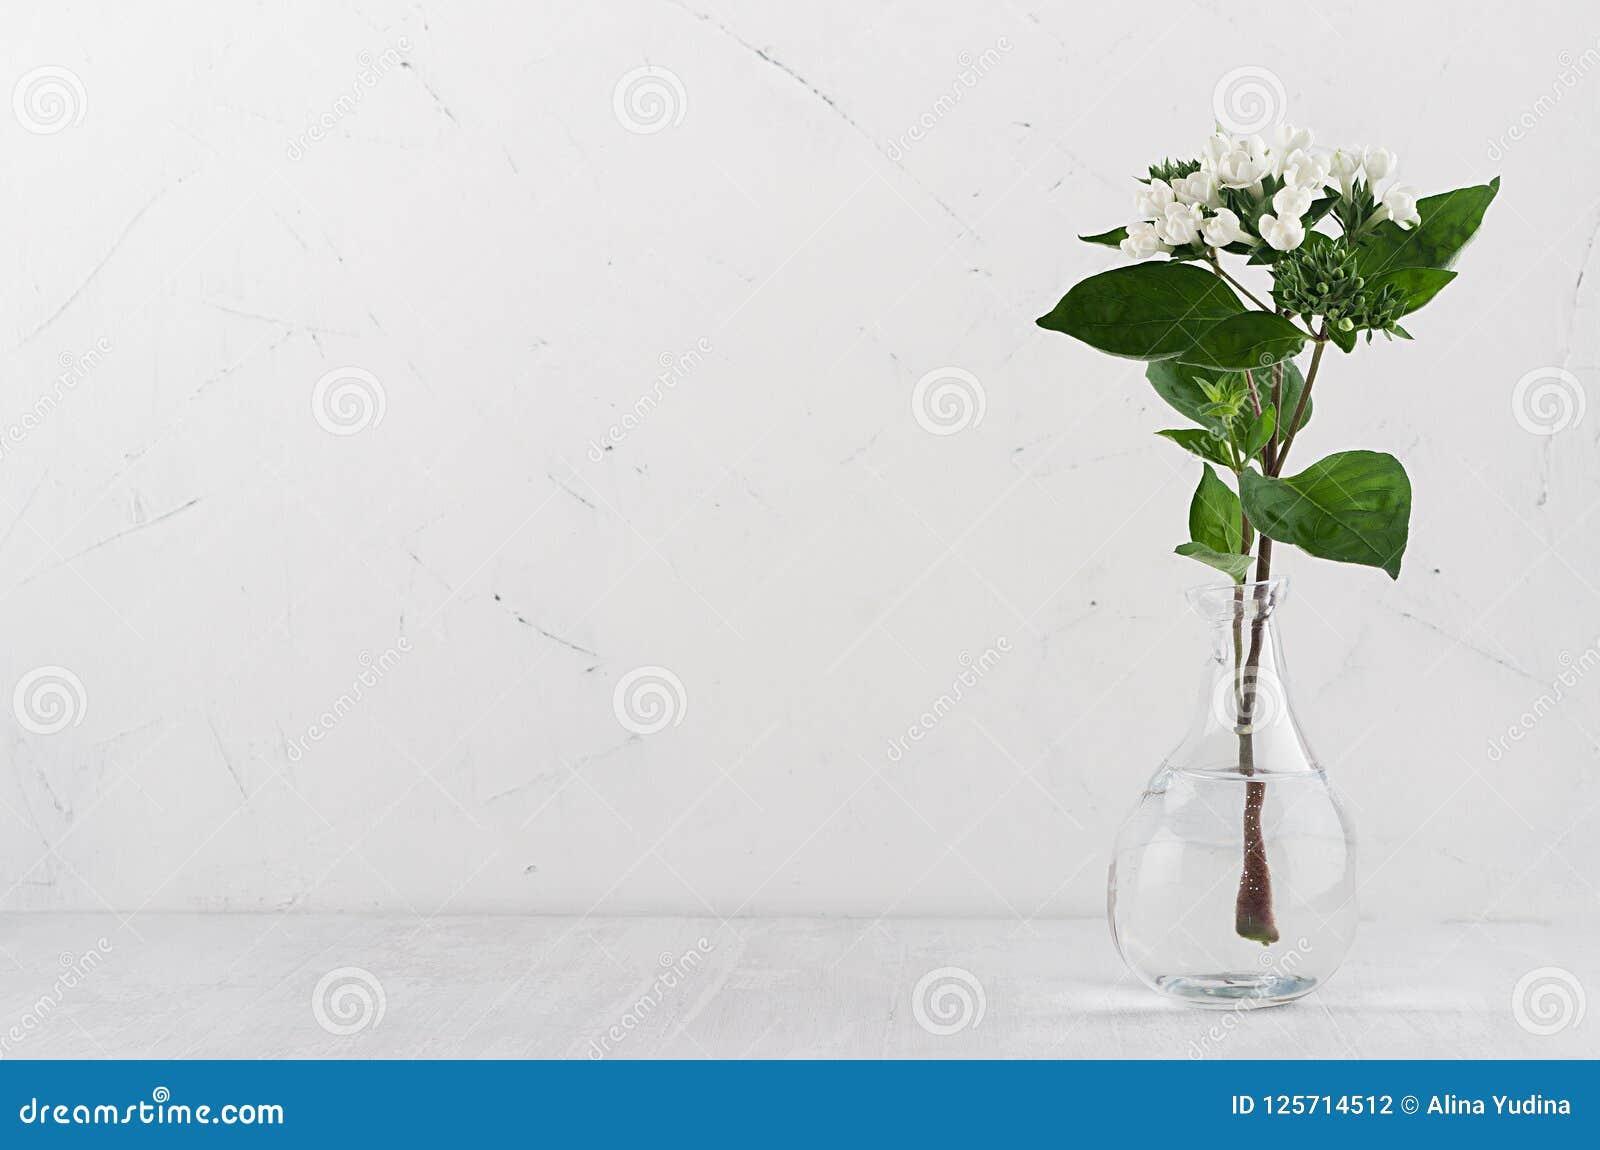 Verzacht minimalistisch boeket in uitstekende transparante vaas met witte kleine bloemen en groene bladeren op witte plank